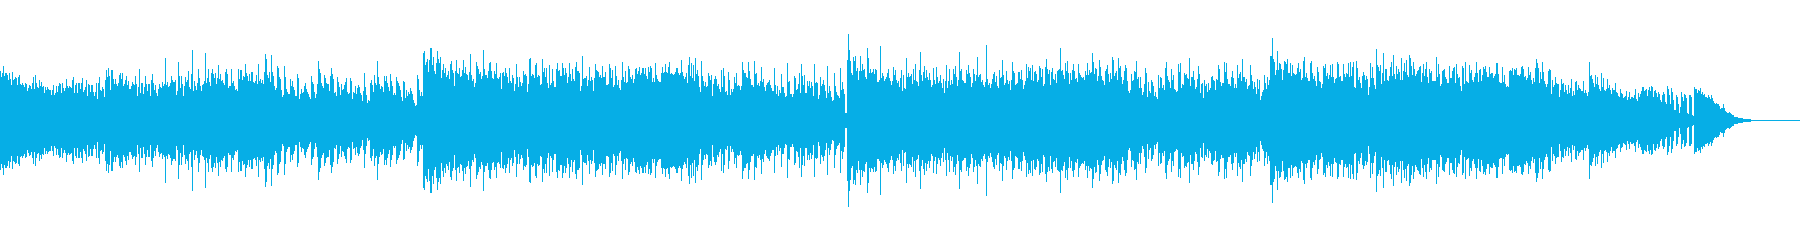 デジタルでダーティなアンビエントIDMの再生済みの波形